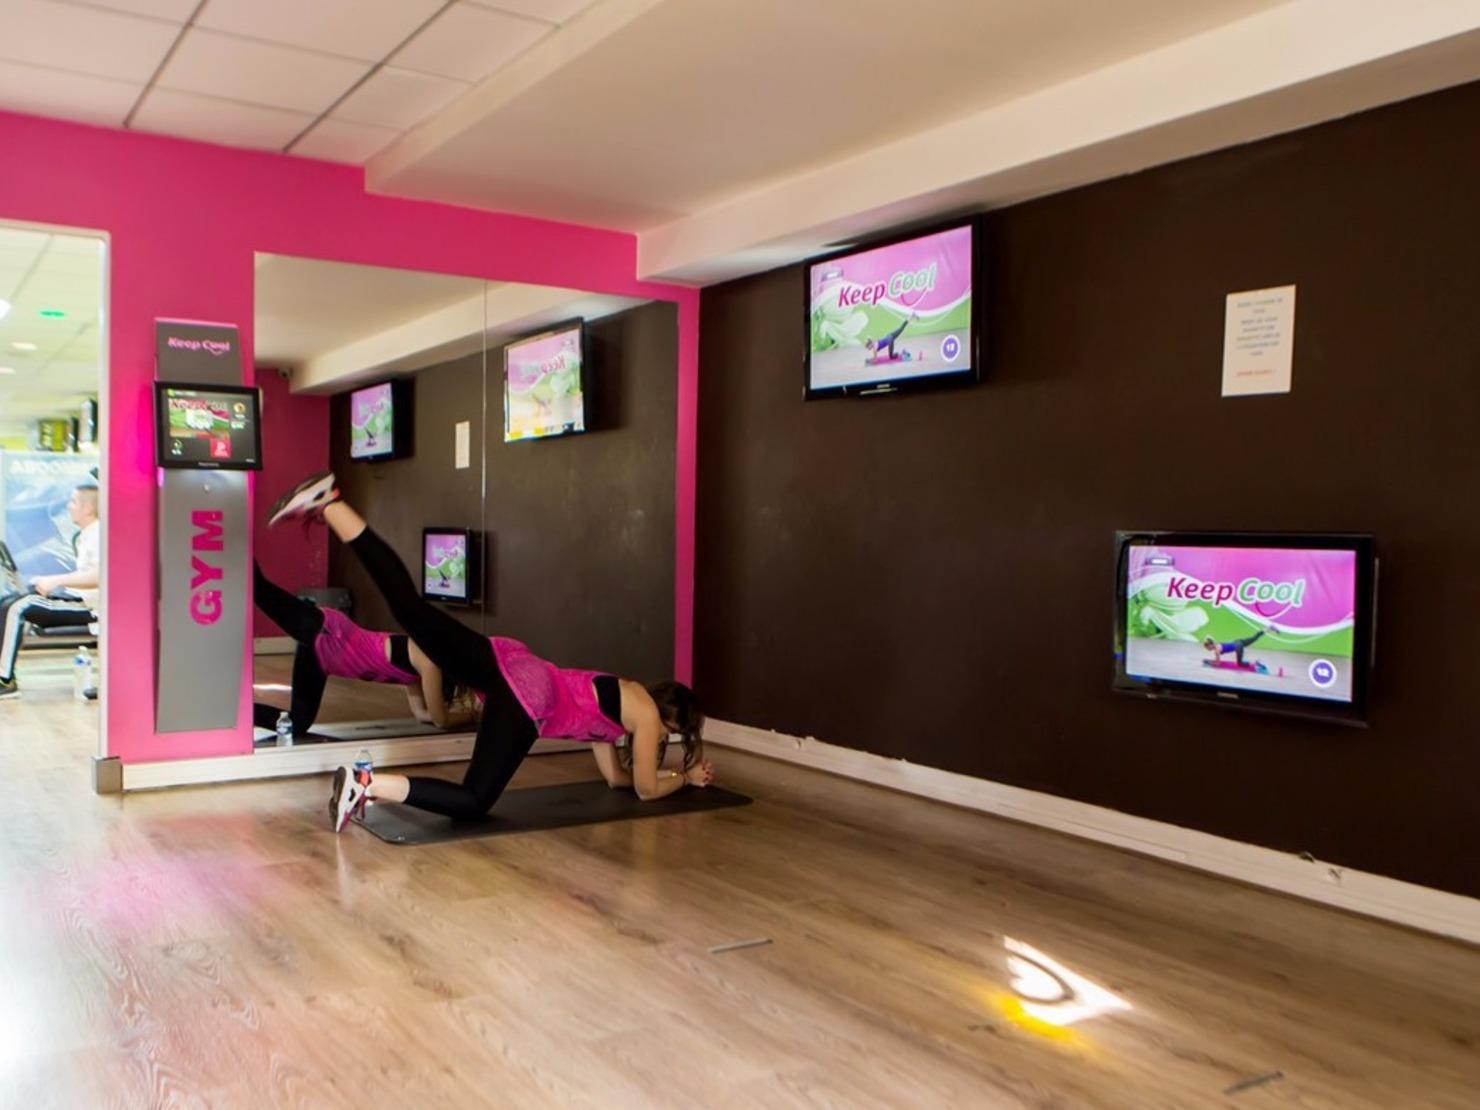 keep cool marseille la valentine nord tarifs avis. Black Bedroom Furniture Sets. Home Design Ideas